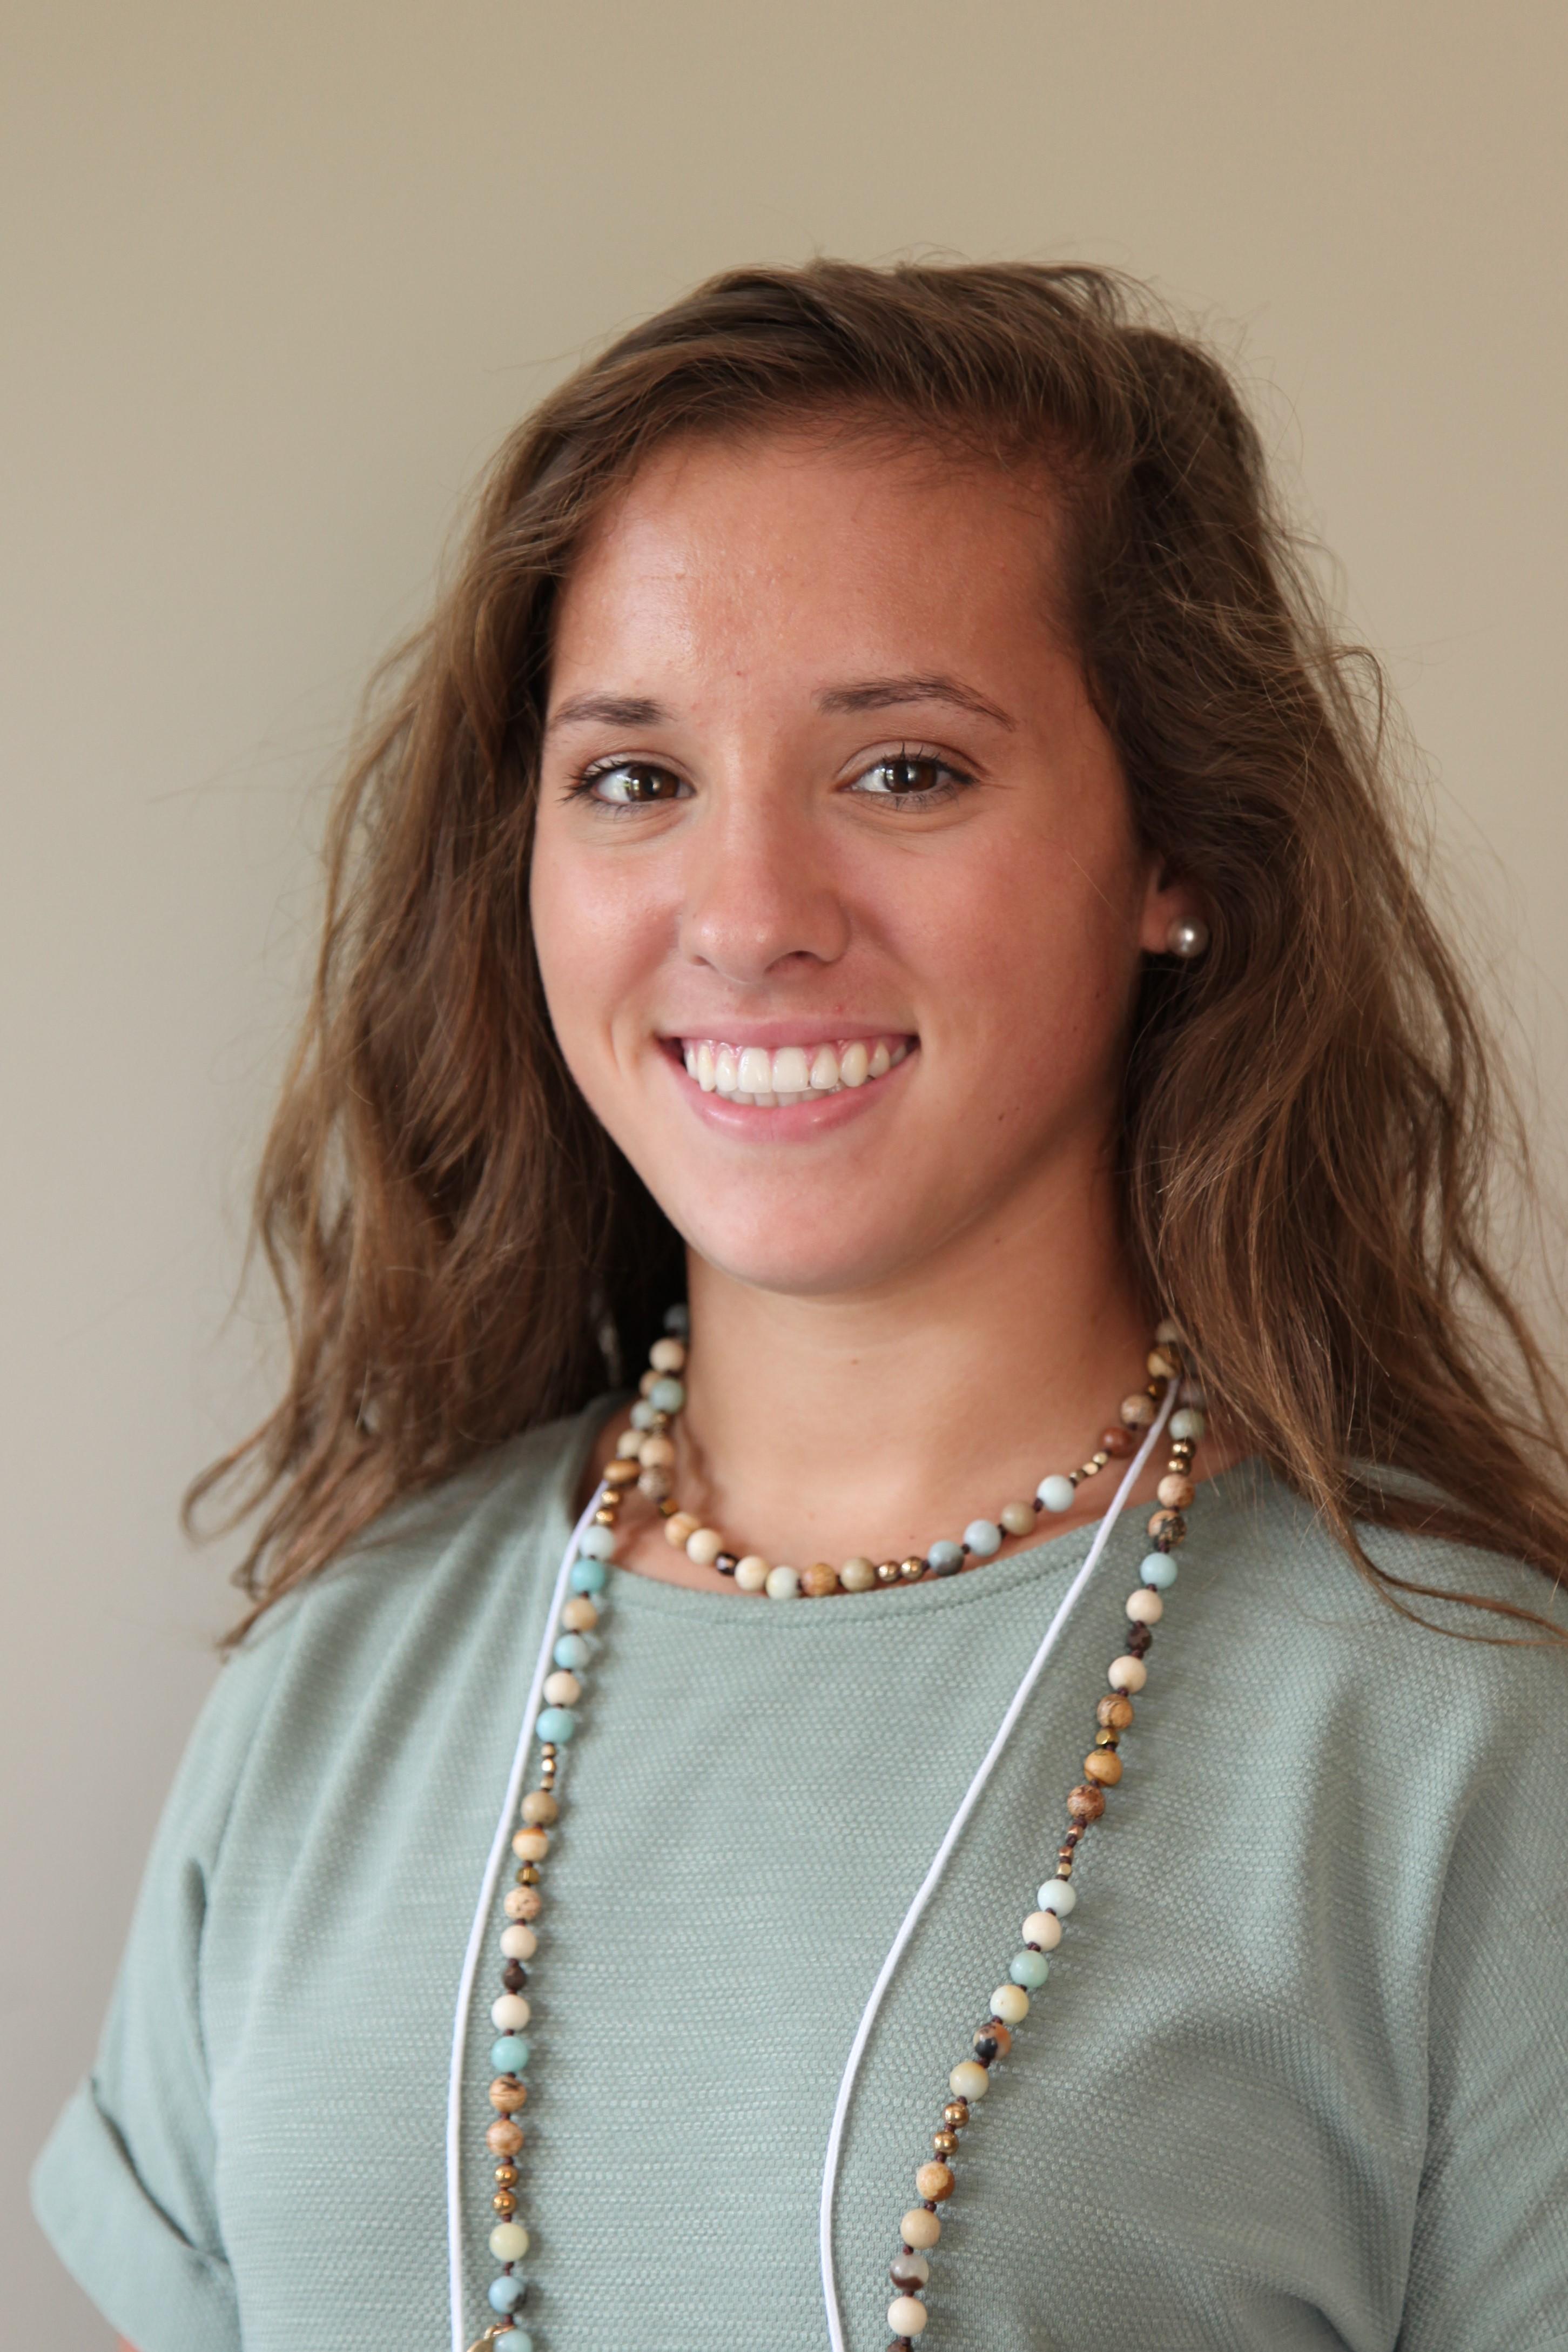 Photo of Madison Holland